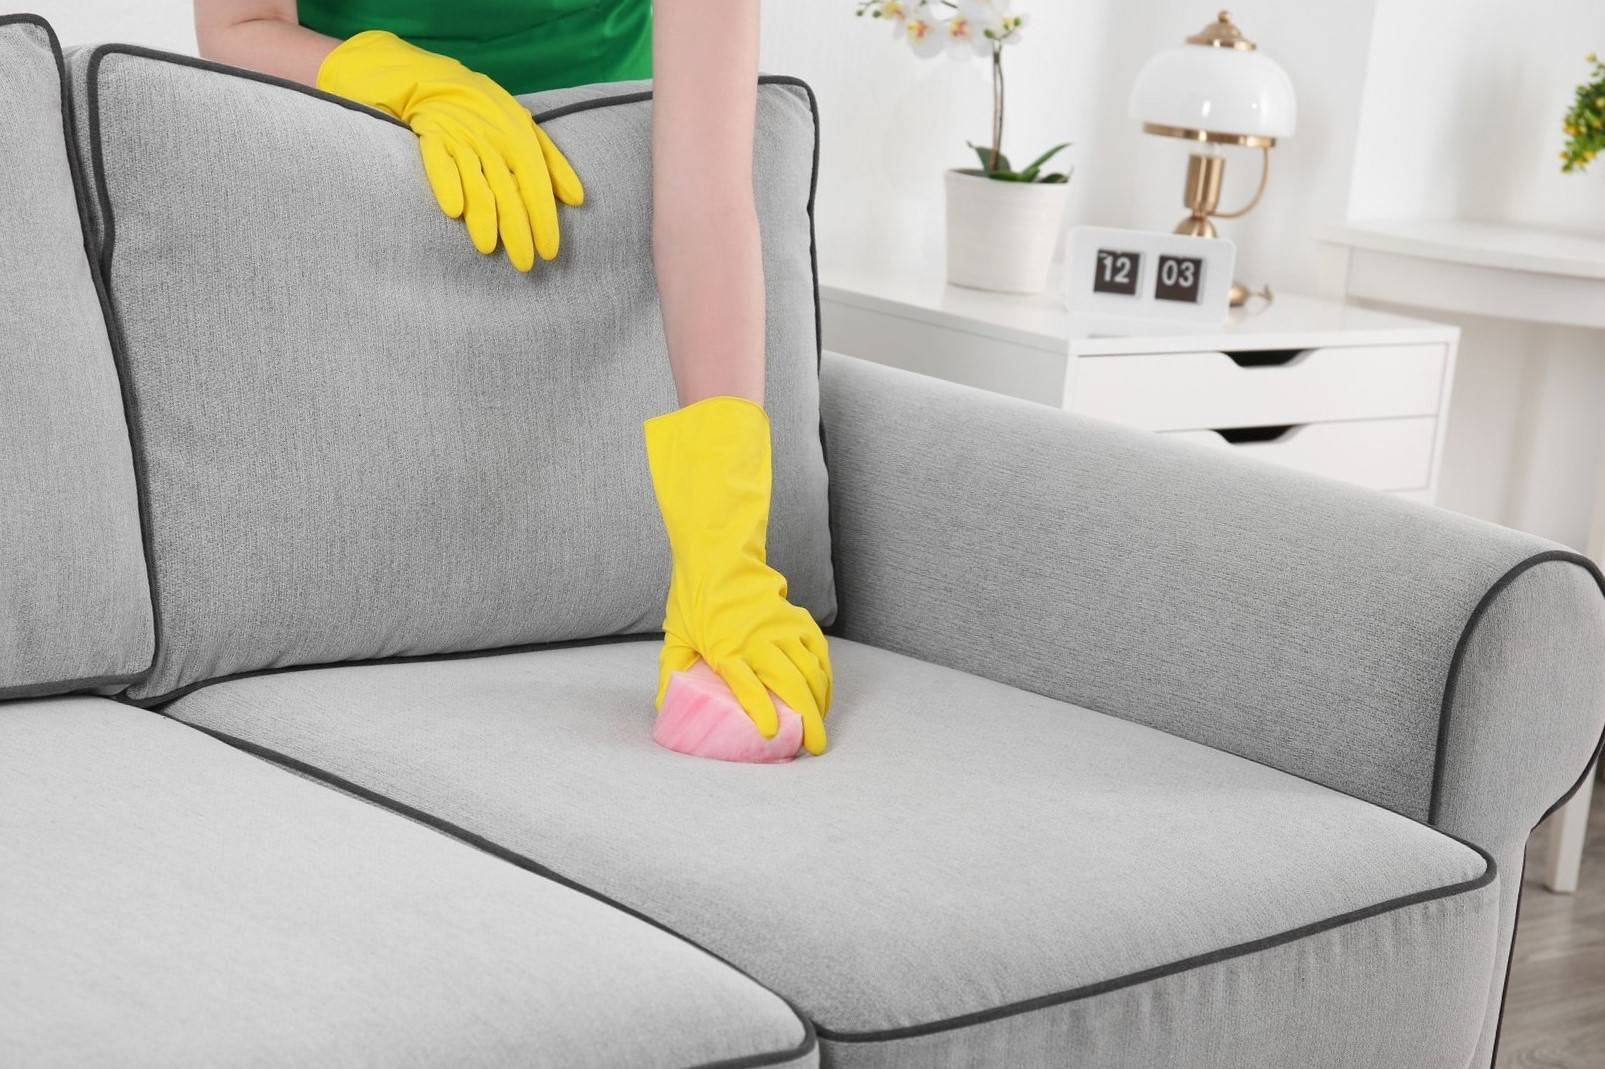 Как почистить диван в домашних условиях: пошаговая инструкция